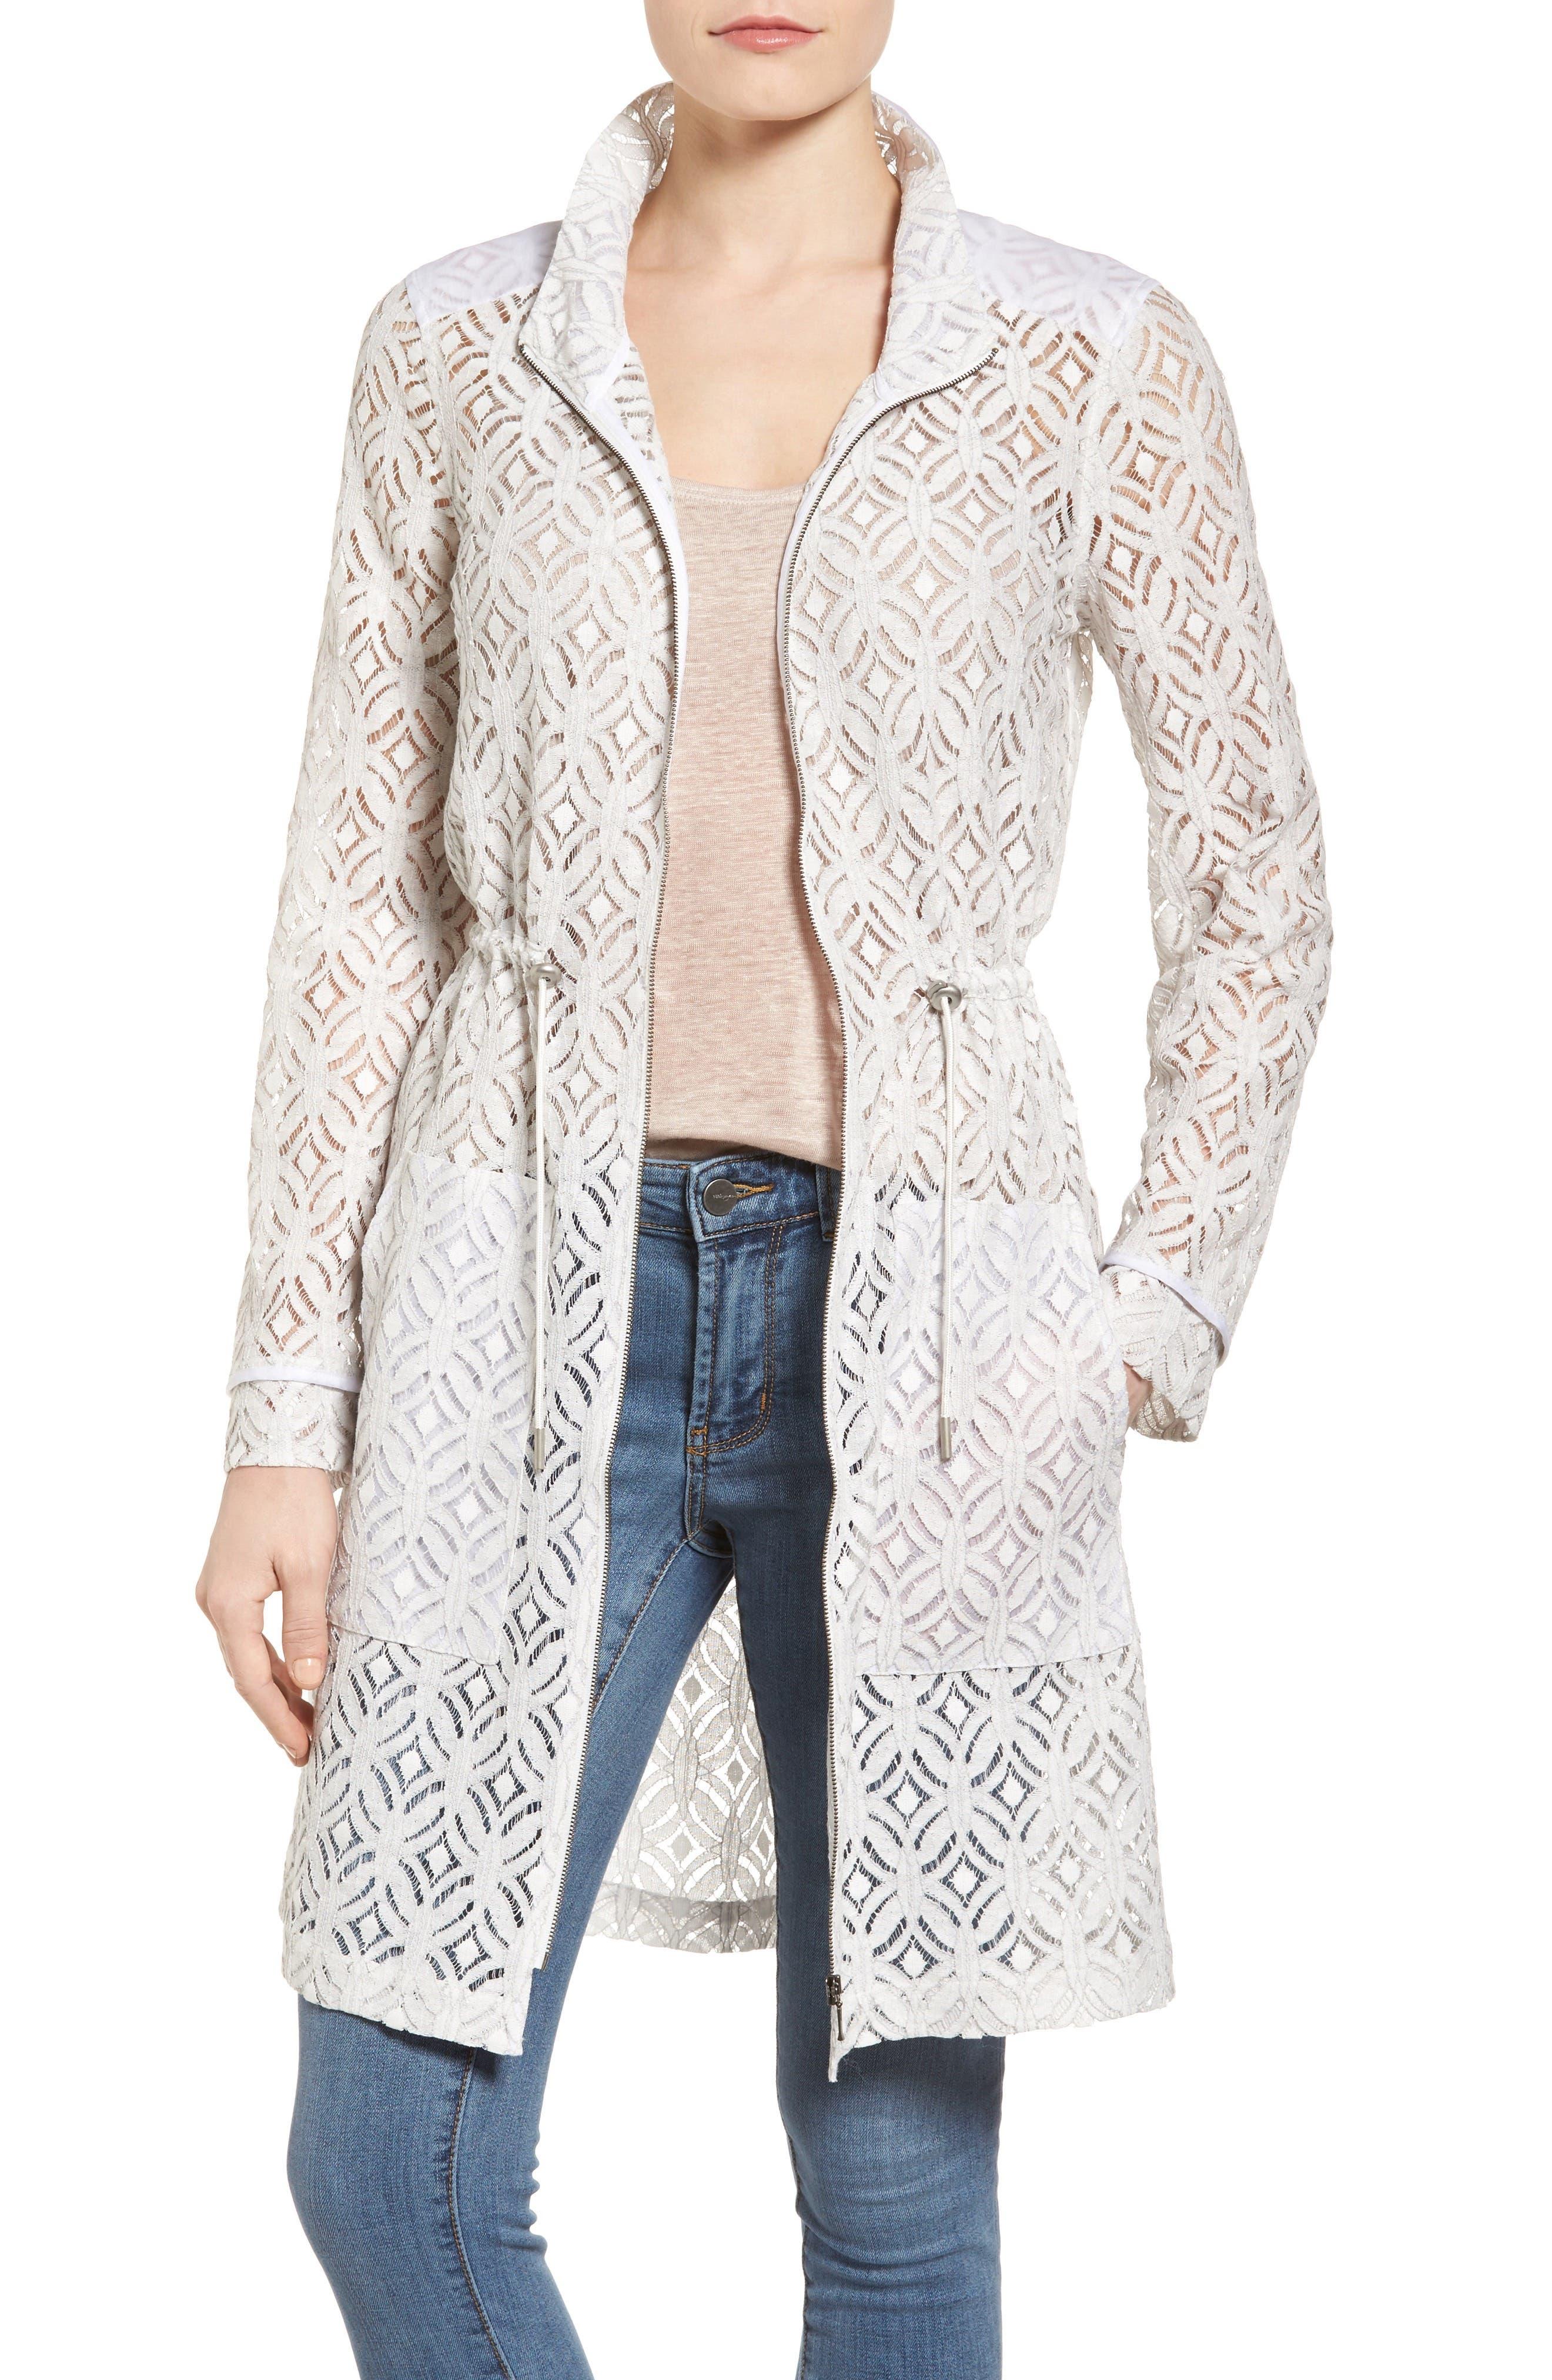 Alternate Image 1 Selected - NIC+ZOE Lush Lace Coat